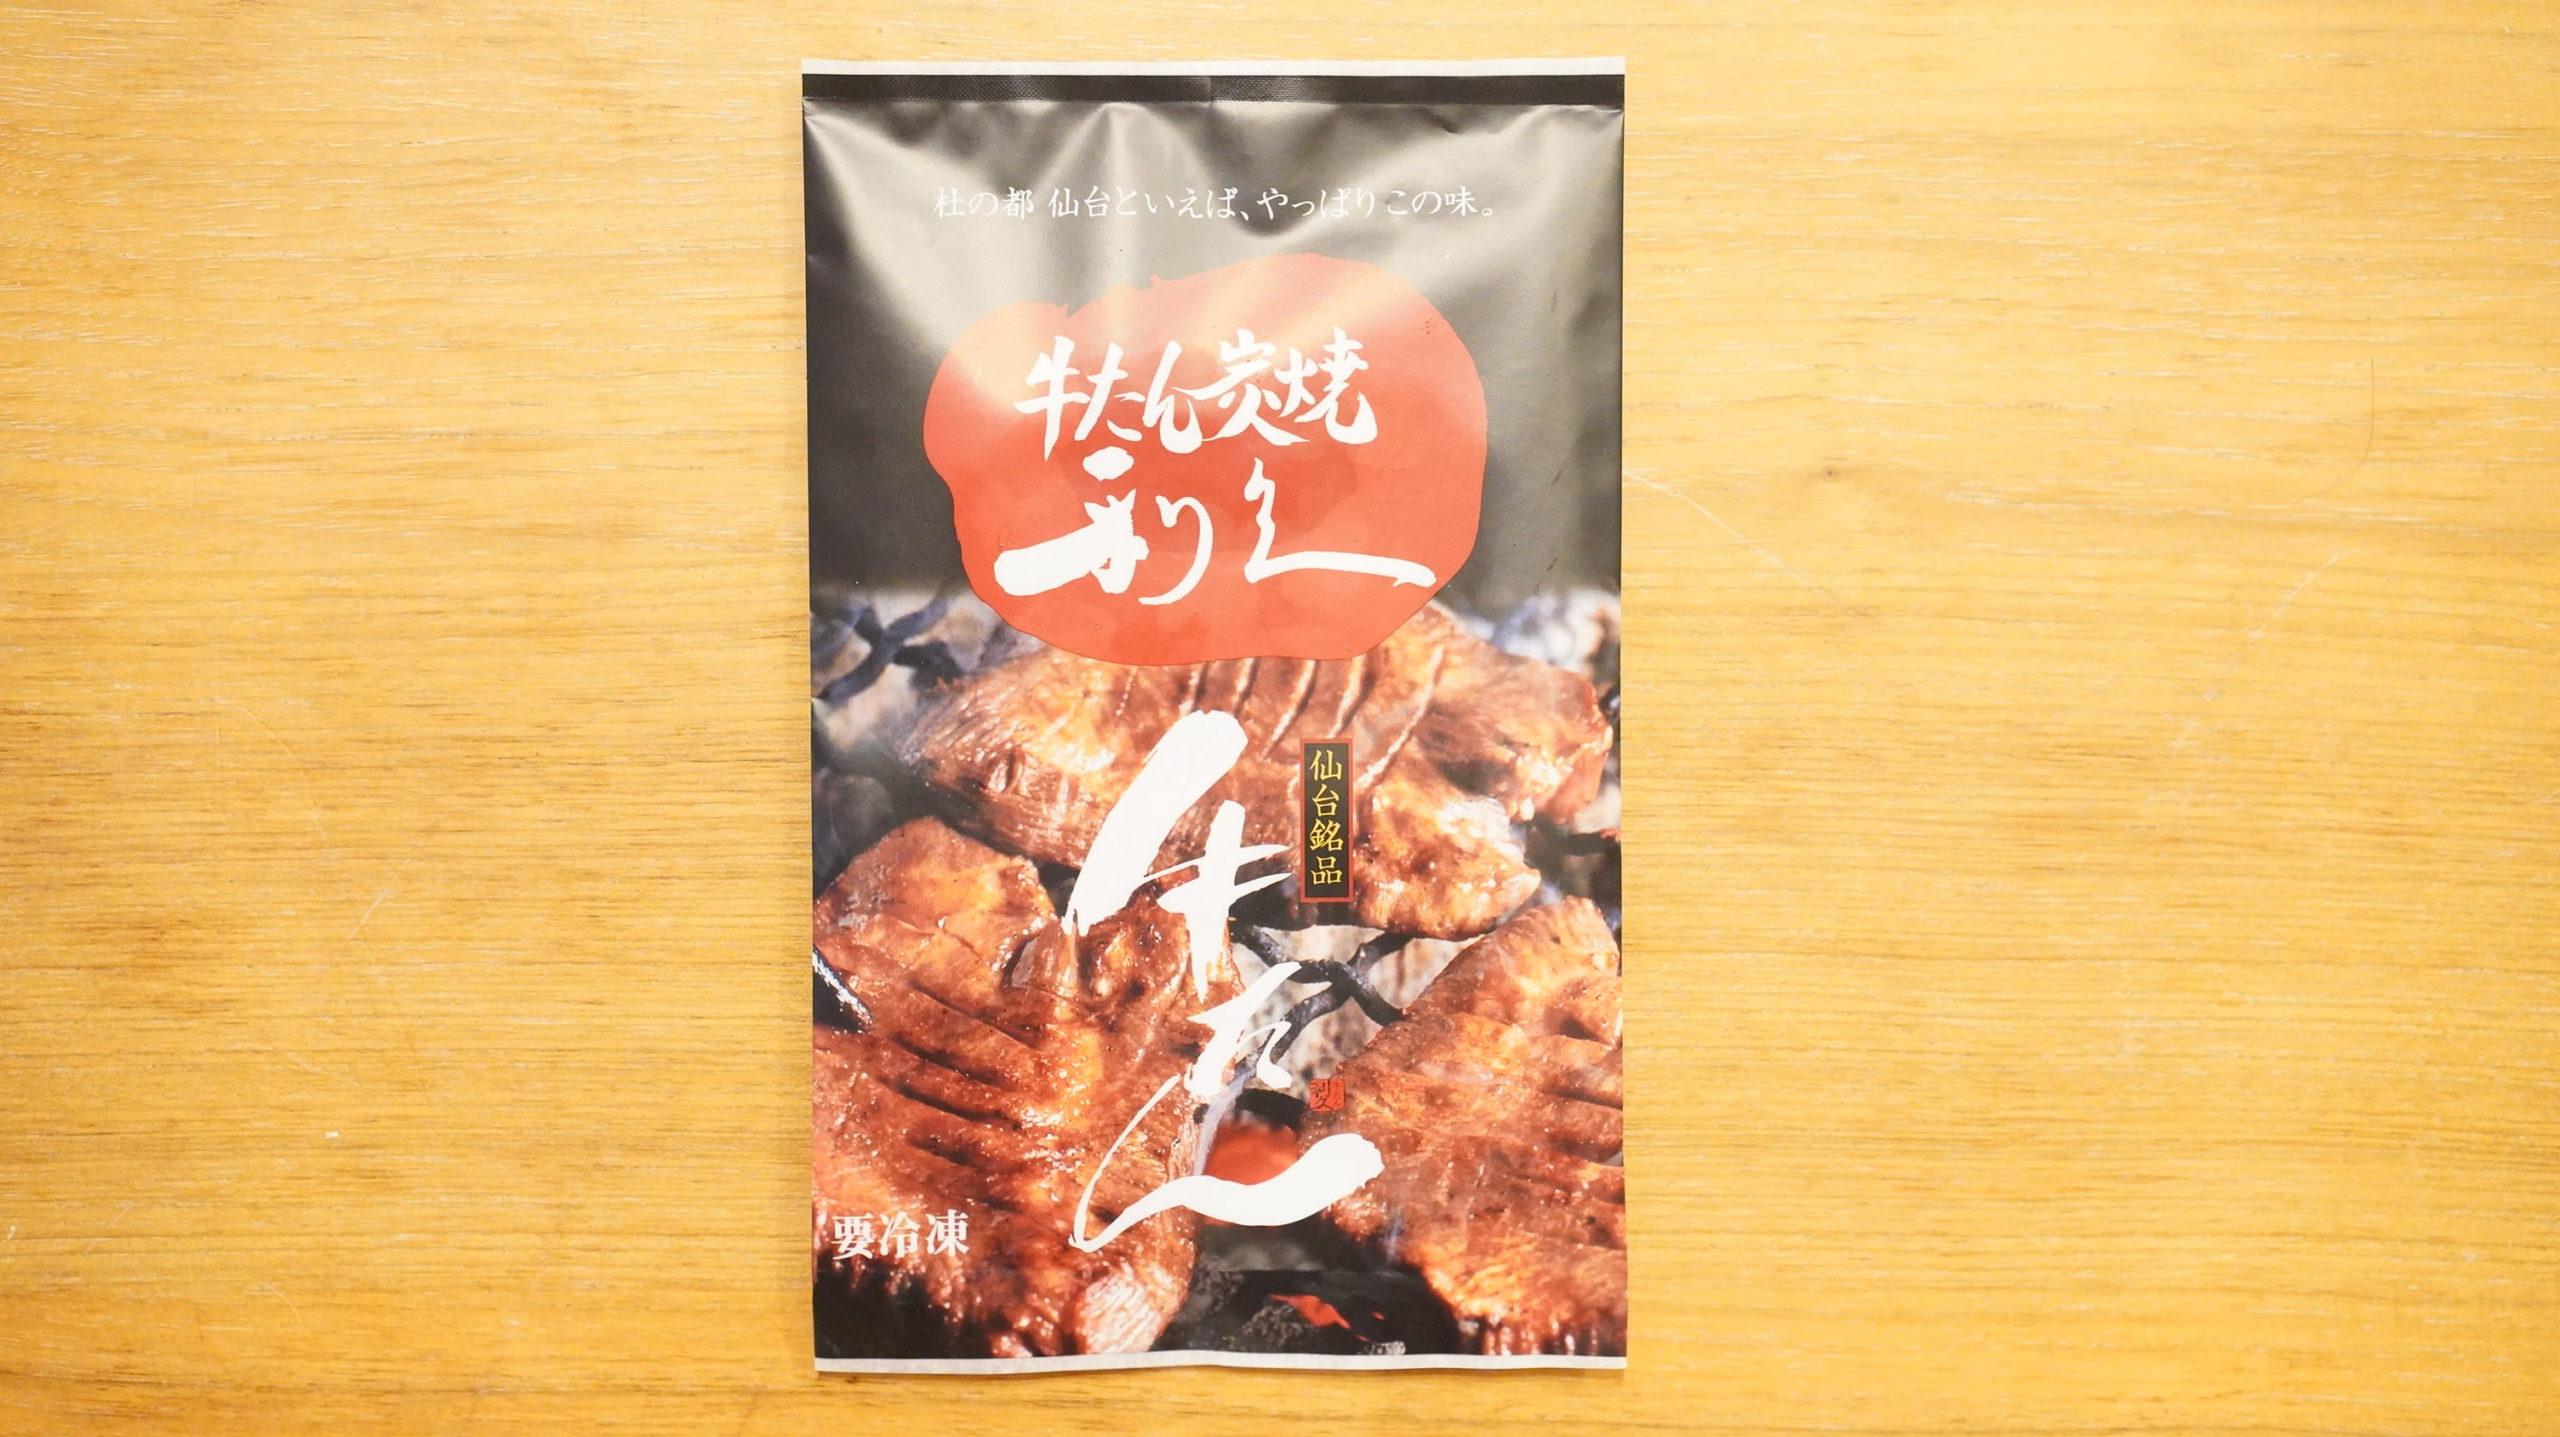 通販でお取り寄せできる人気のおすすめ冷凍食品「利久の牛タンのパッケージ写真」の写真